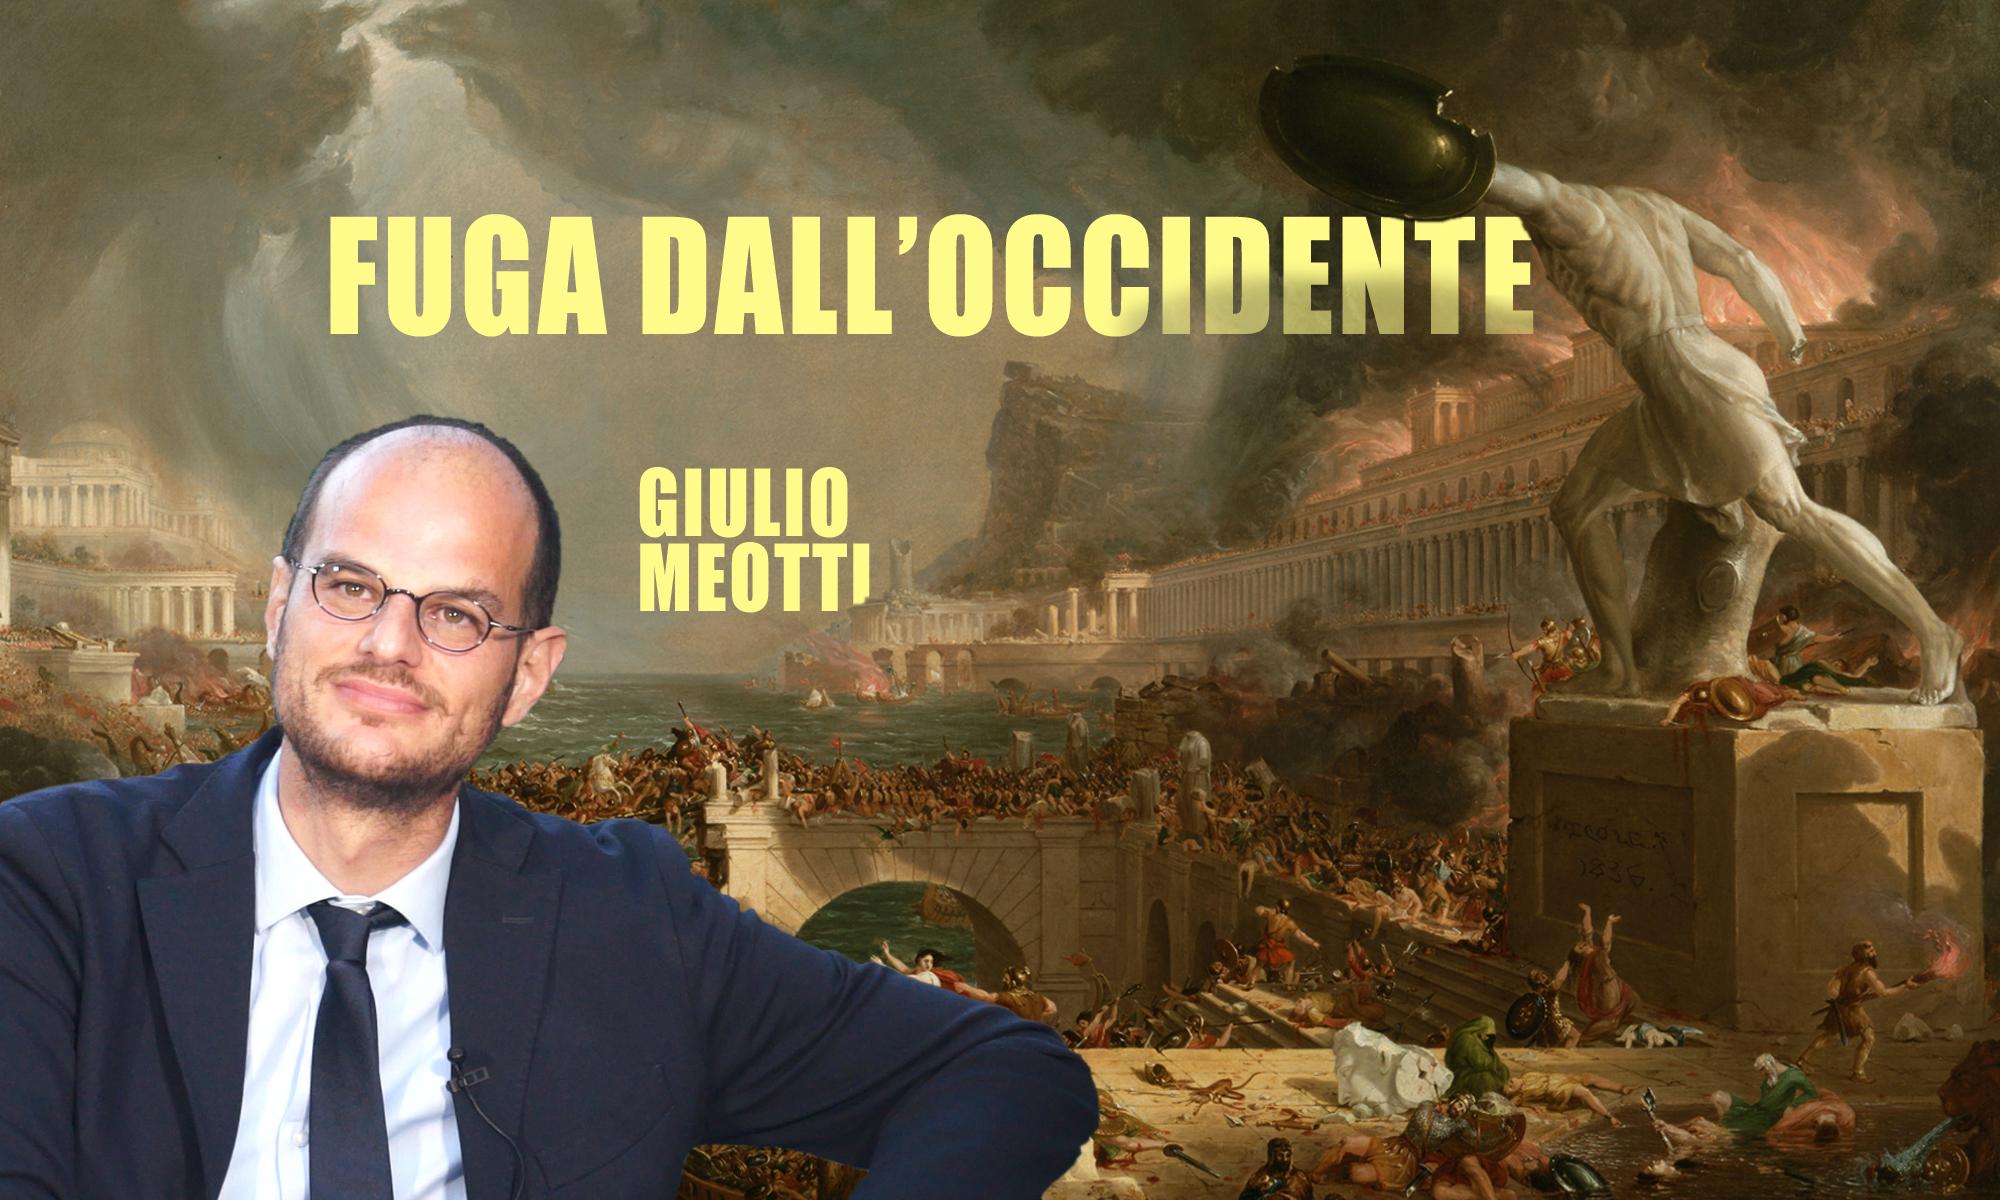 Giulio Meotti: «La fuga dall'occidente»